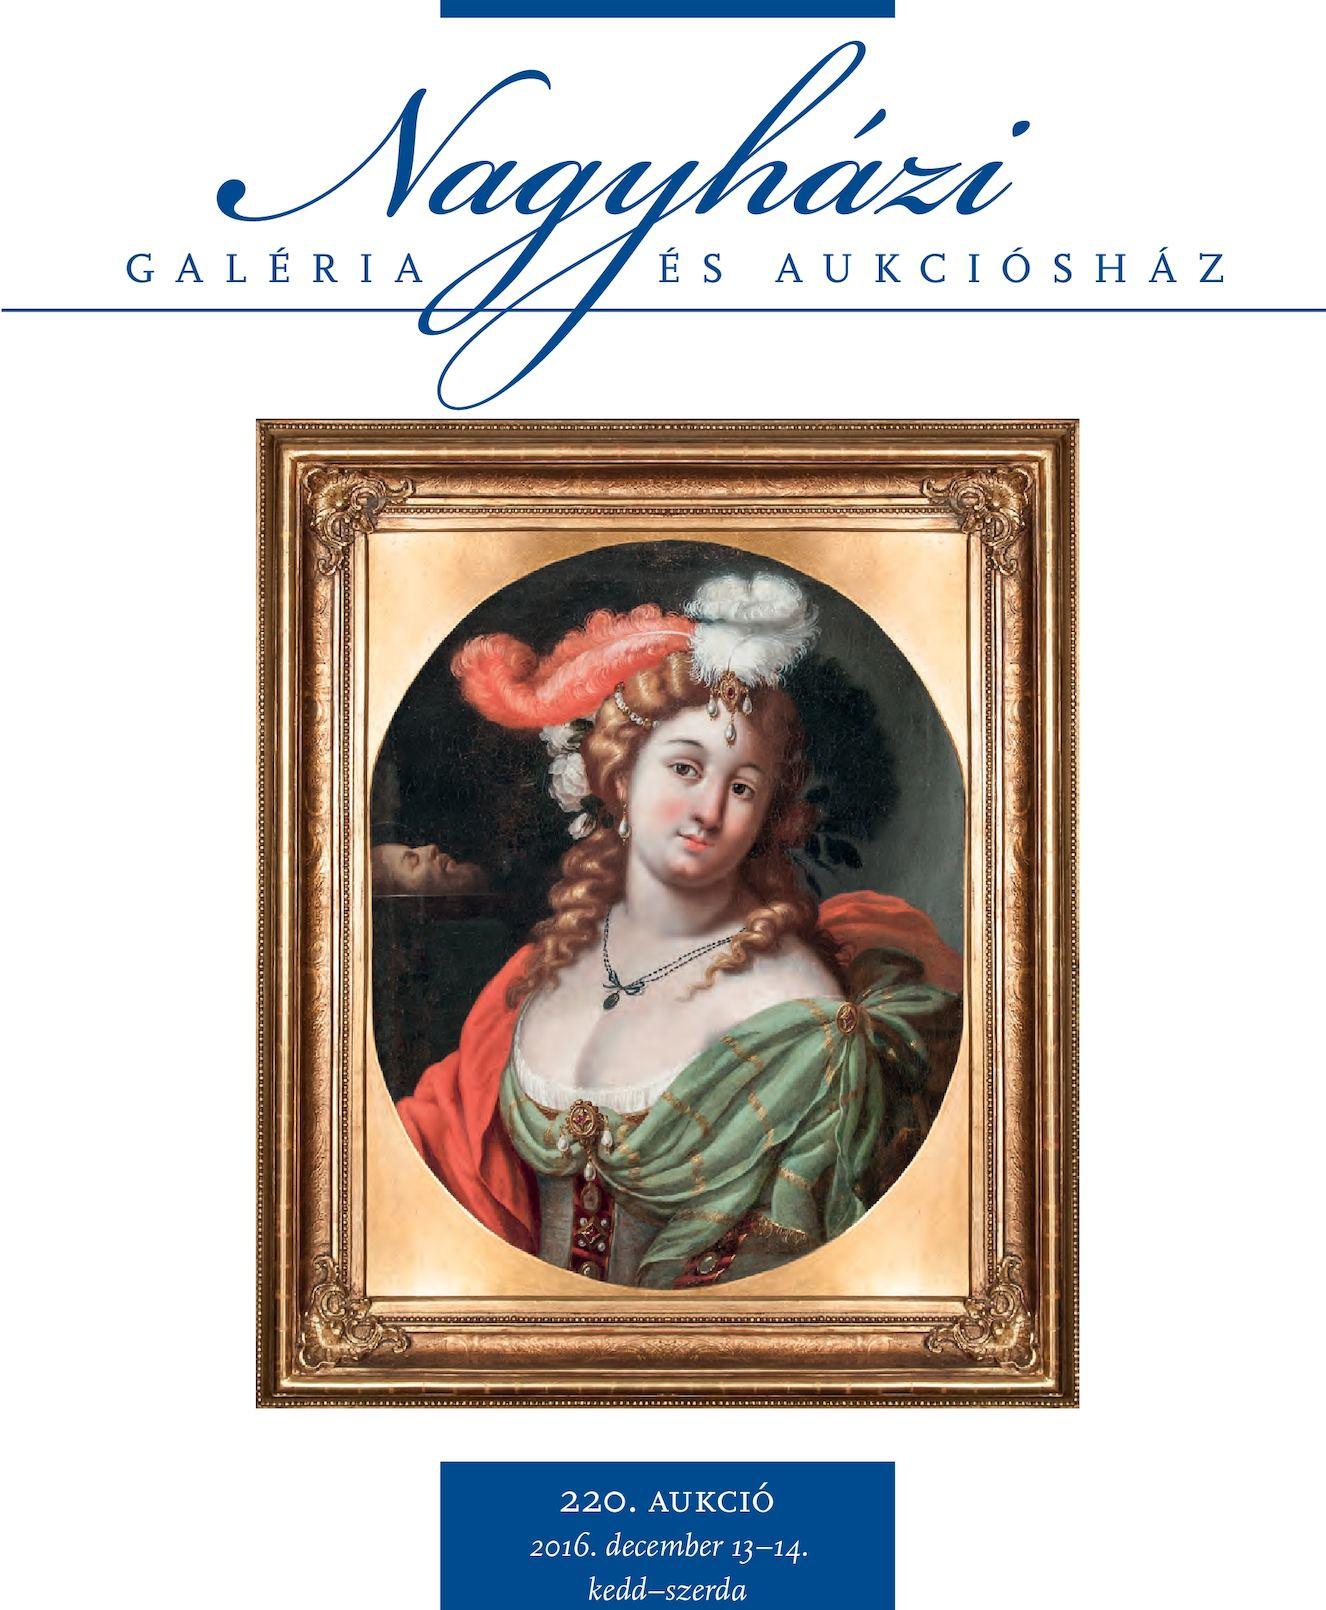 0cb7c32816 Calaméo - Nagyházi Galéria és Aukciósház - 220. aukció